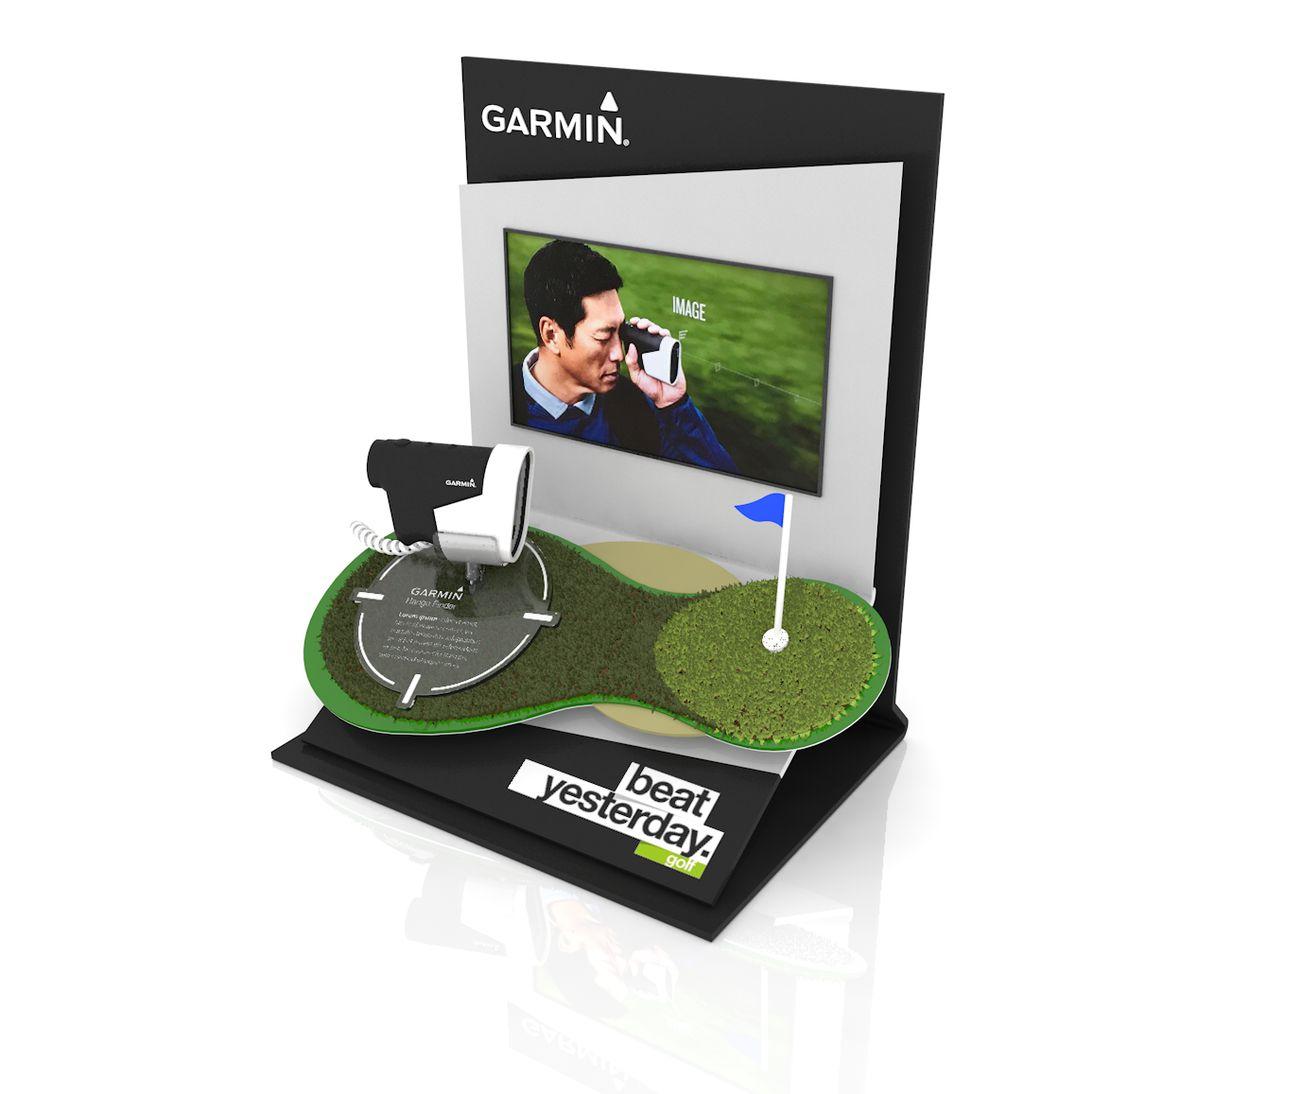 Garmin-Z80-Range-Finder-01